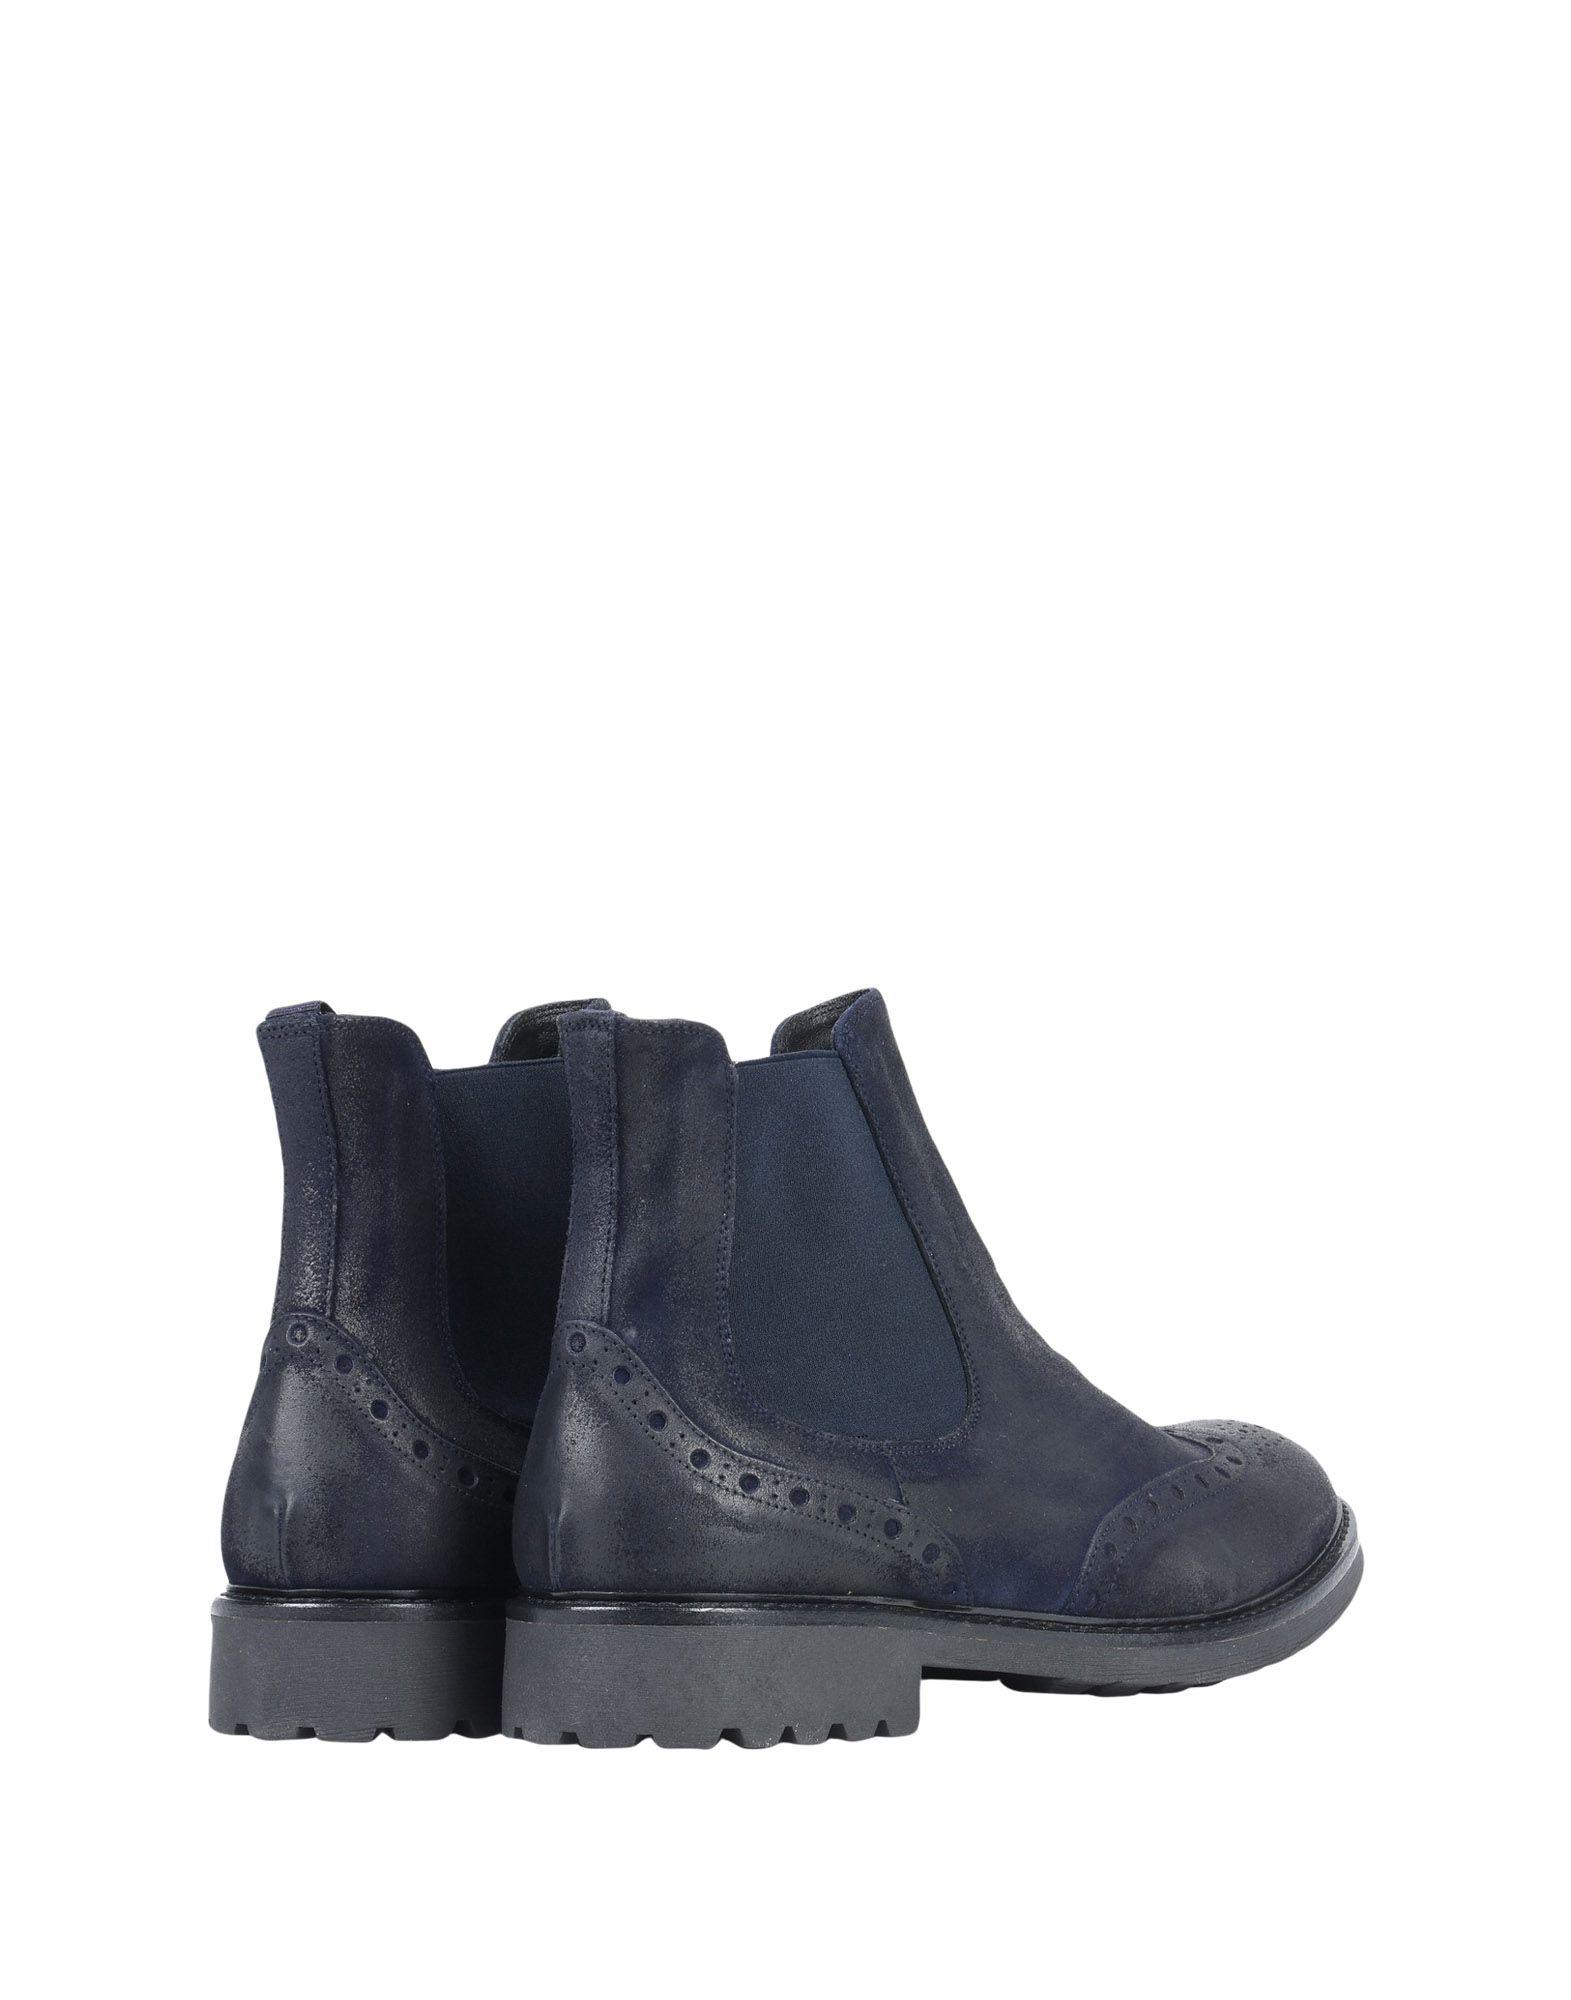 Doubles 4 You® Stiefelette Herren  11512533HH Gute Qualität beliebte Schuhe